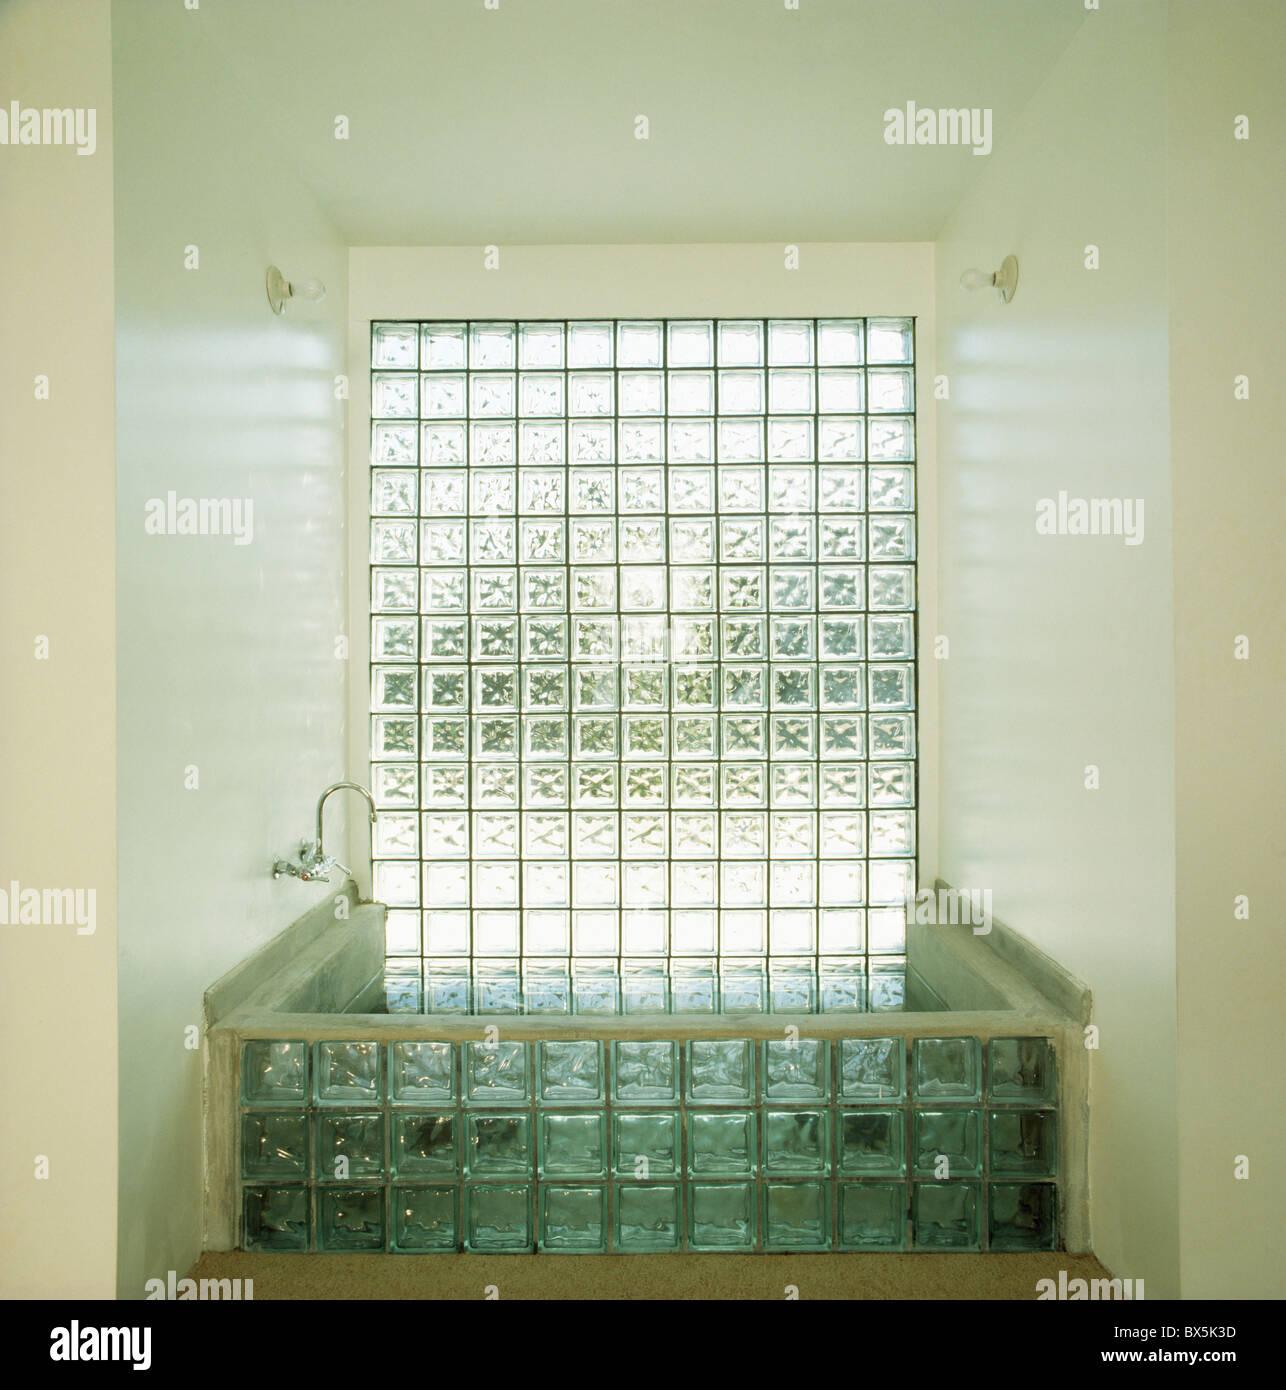 Glaswand über Glas-Ziegel-Bad im modernen Badezimmer Stockfoto, Bild ...